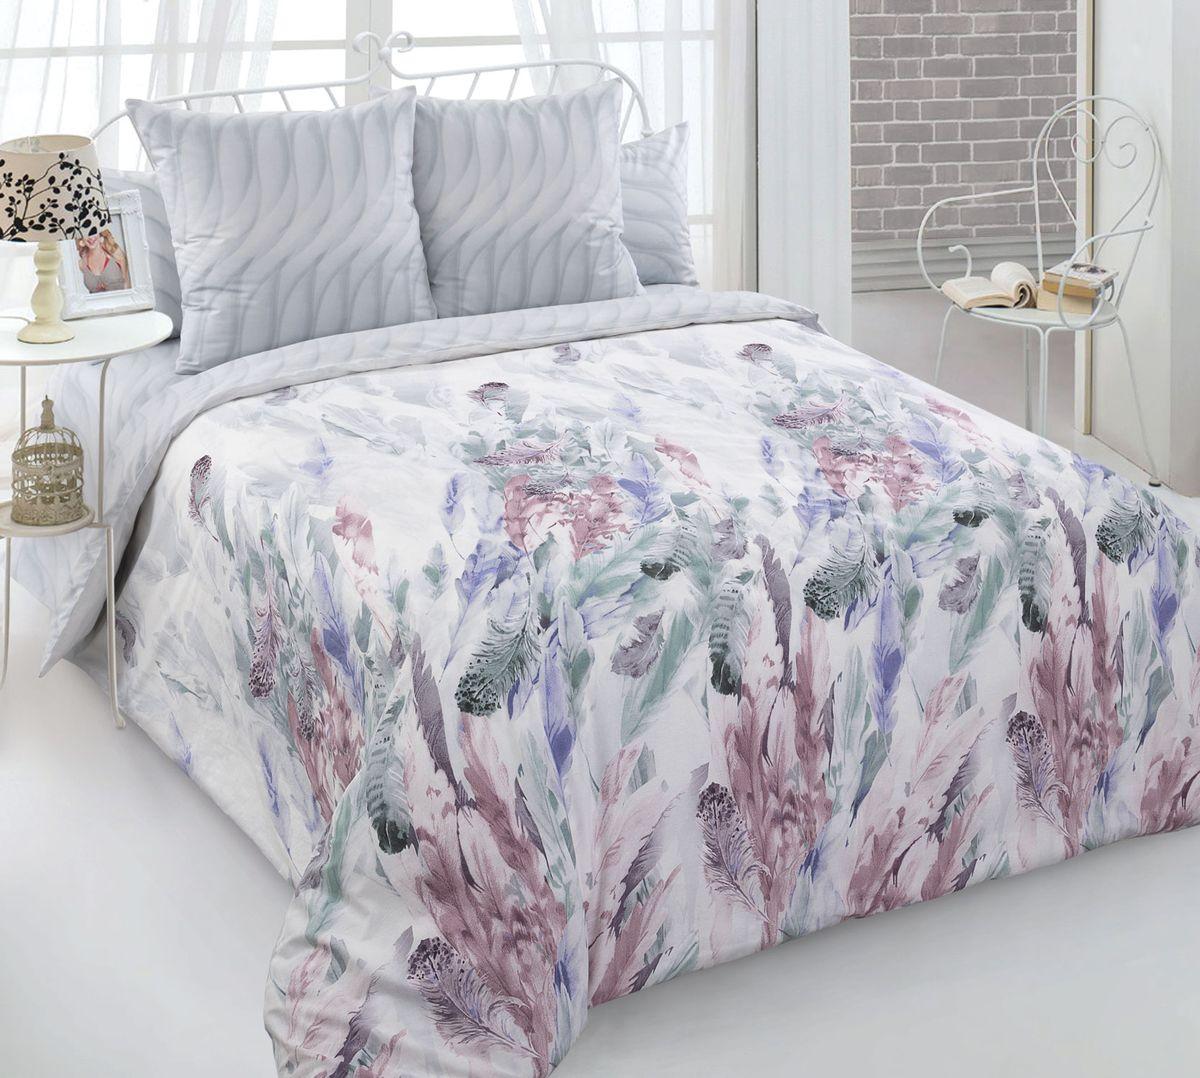 Комплект постельного белья 1,5-спальный, перкаль (Легкость)